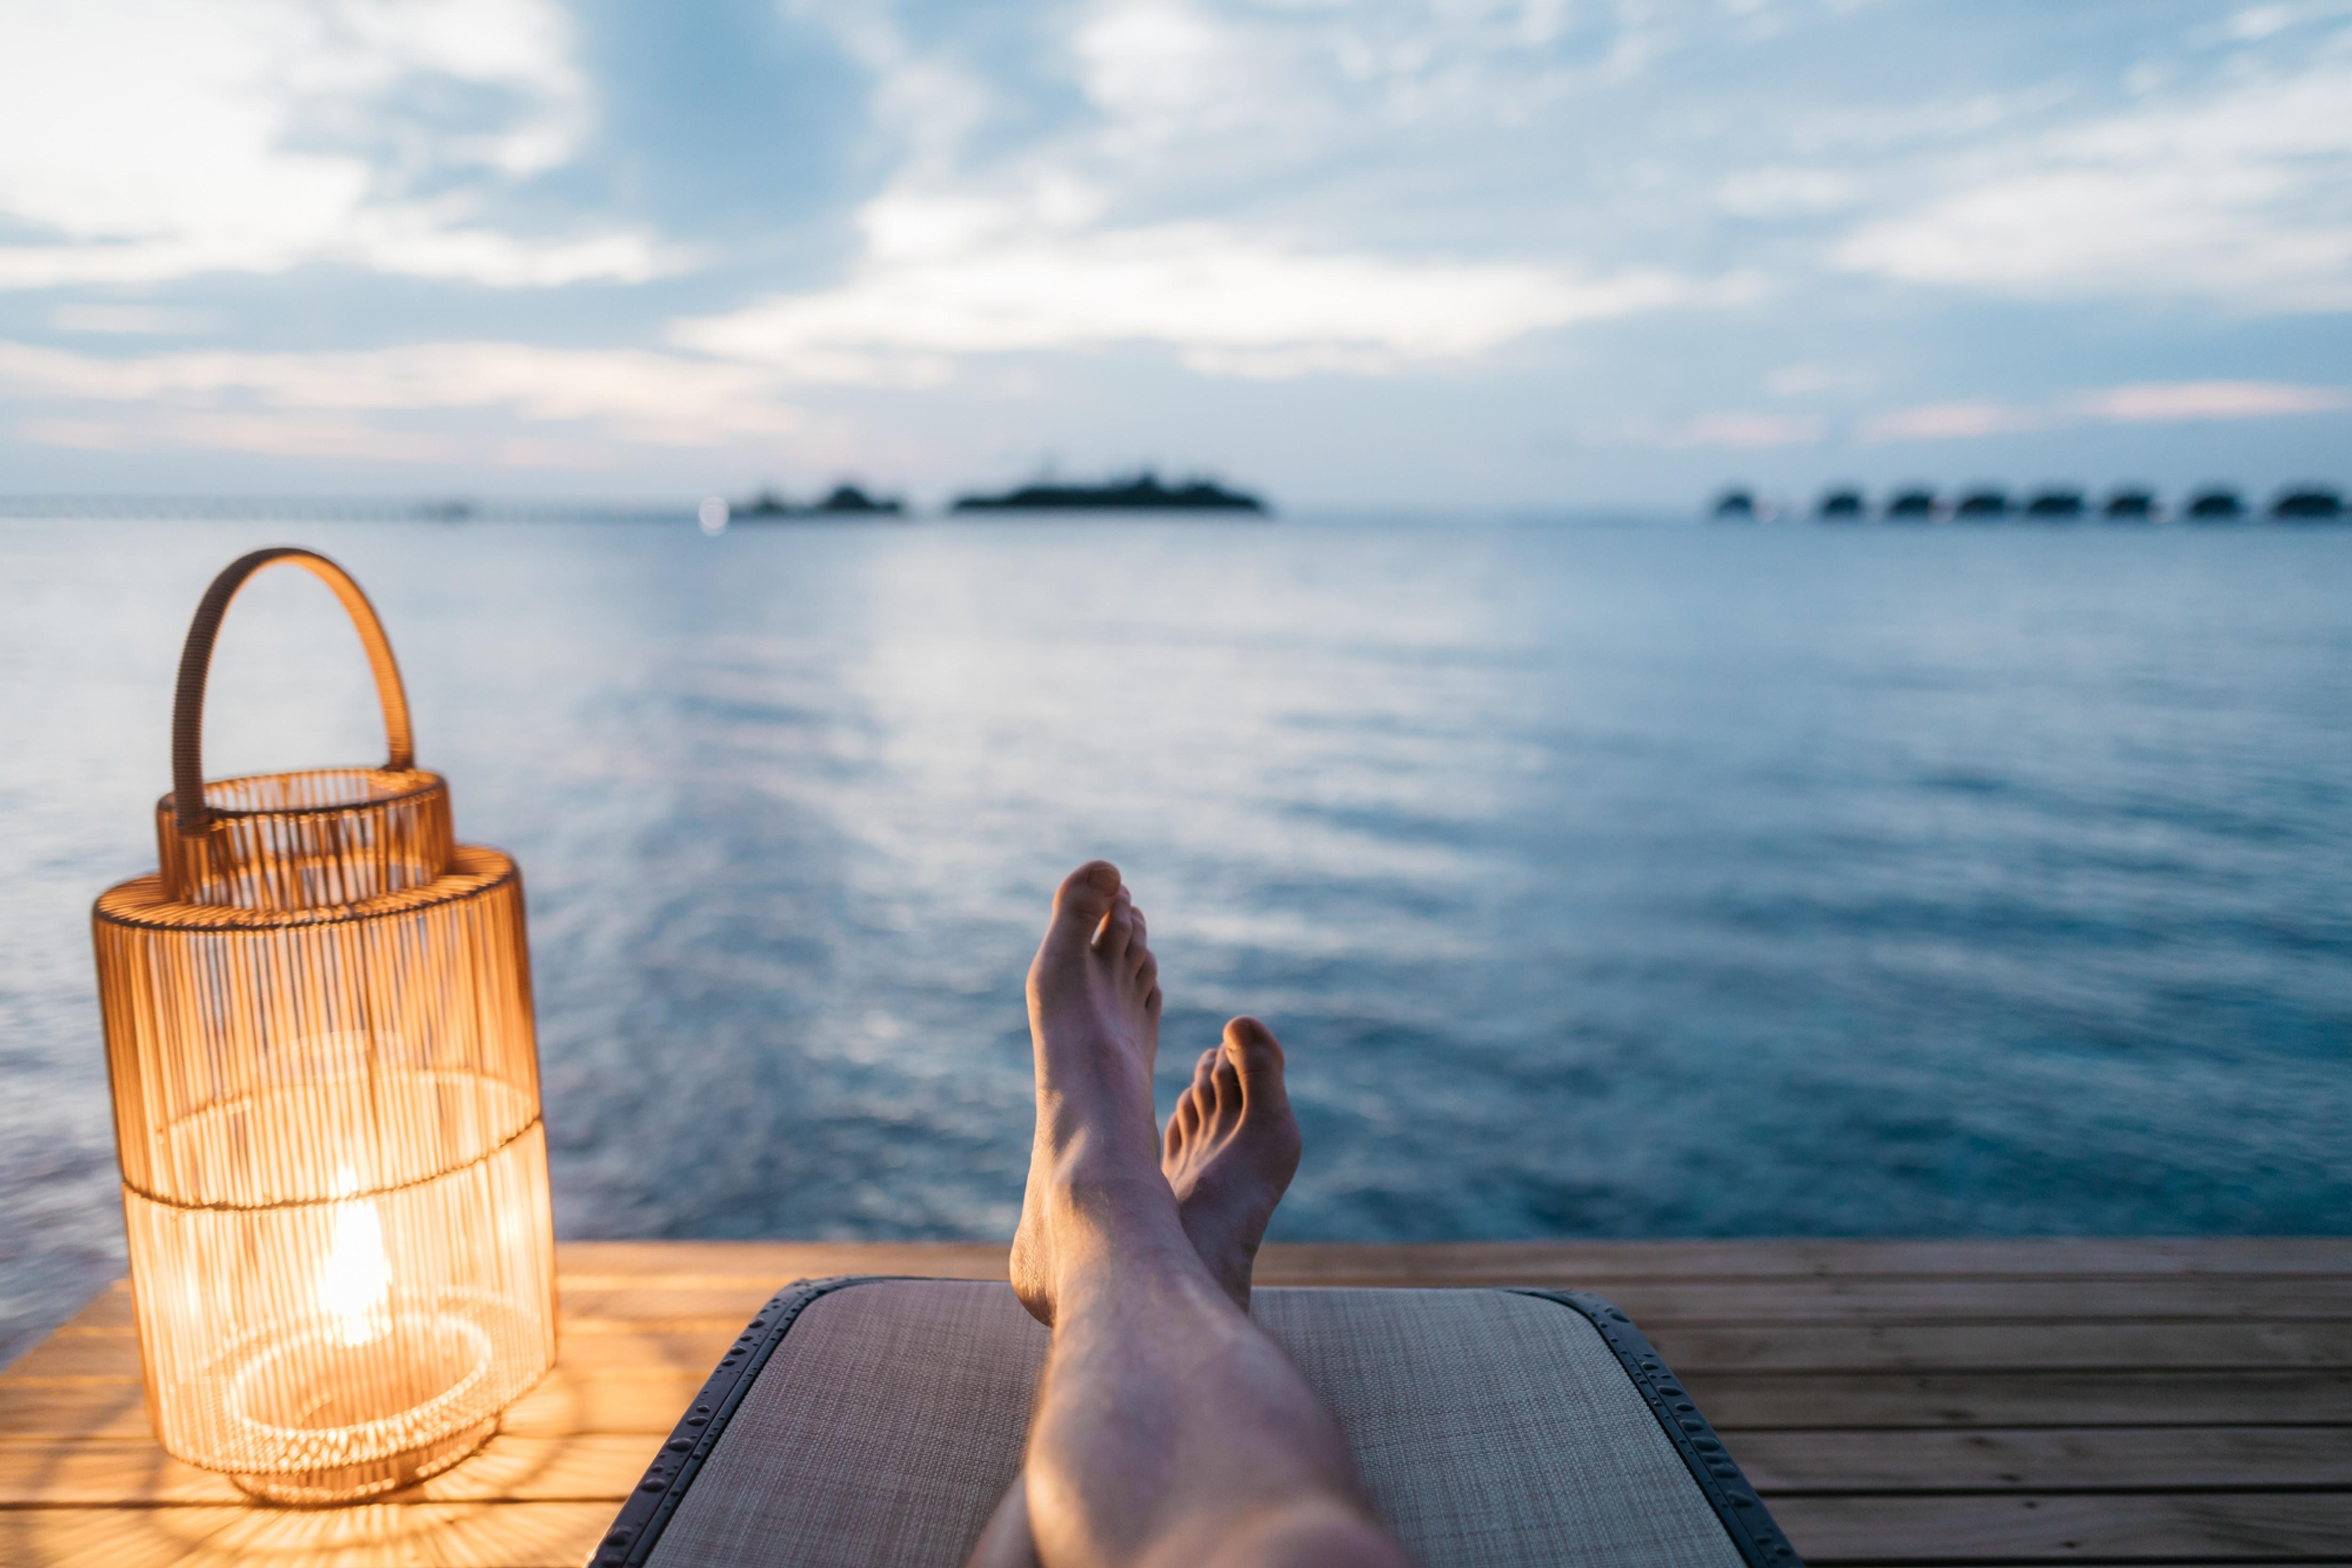 リラックス鍼灸 Relaxation Acupuncture